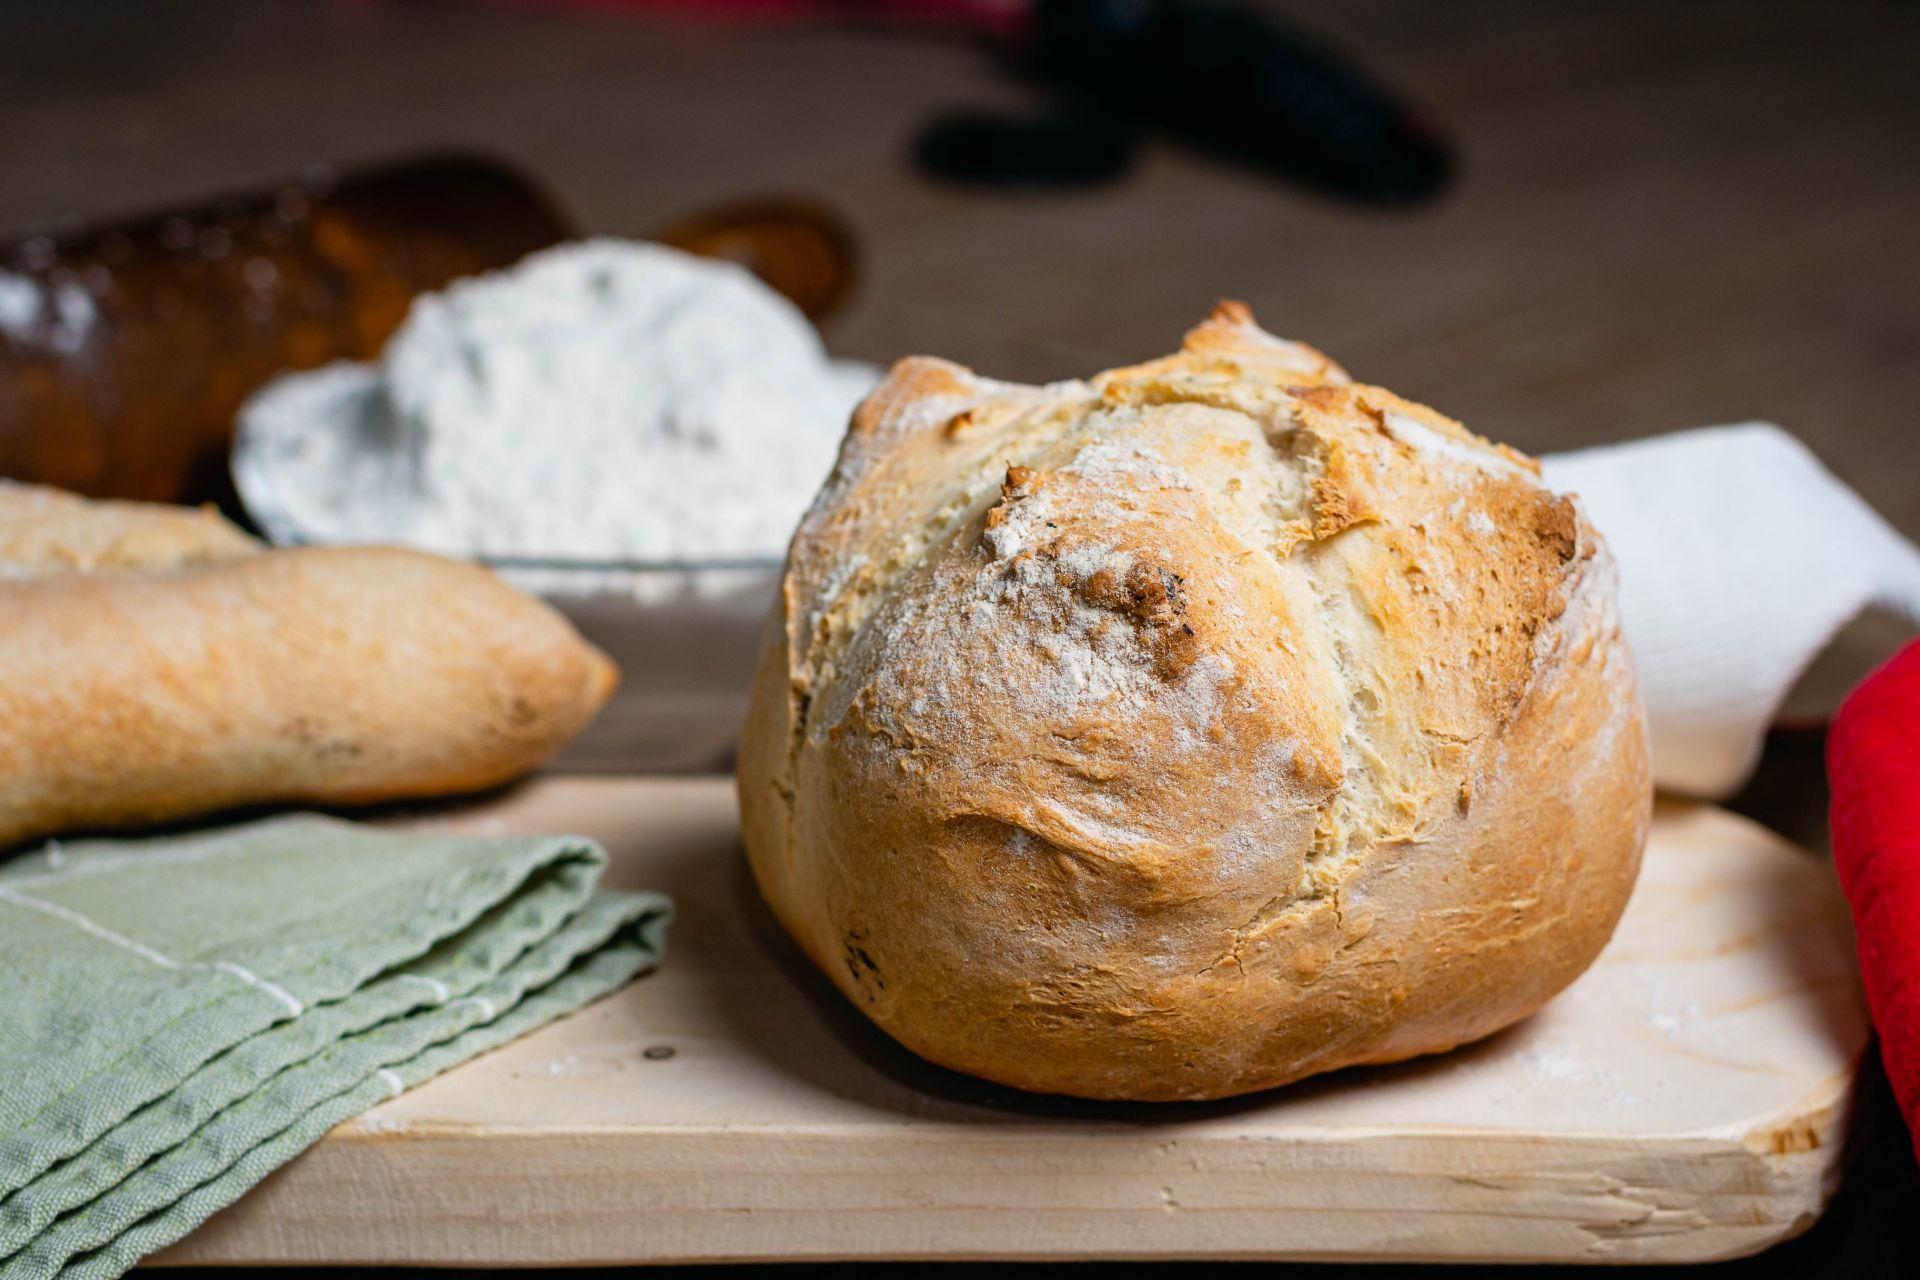 Pão caseiro redondo numa tábua com ingredientes na frente de um recipiente com farinha de trigo